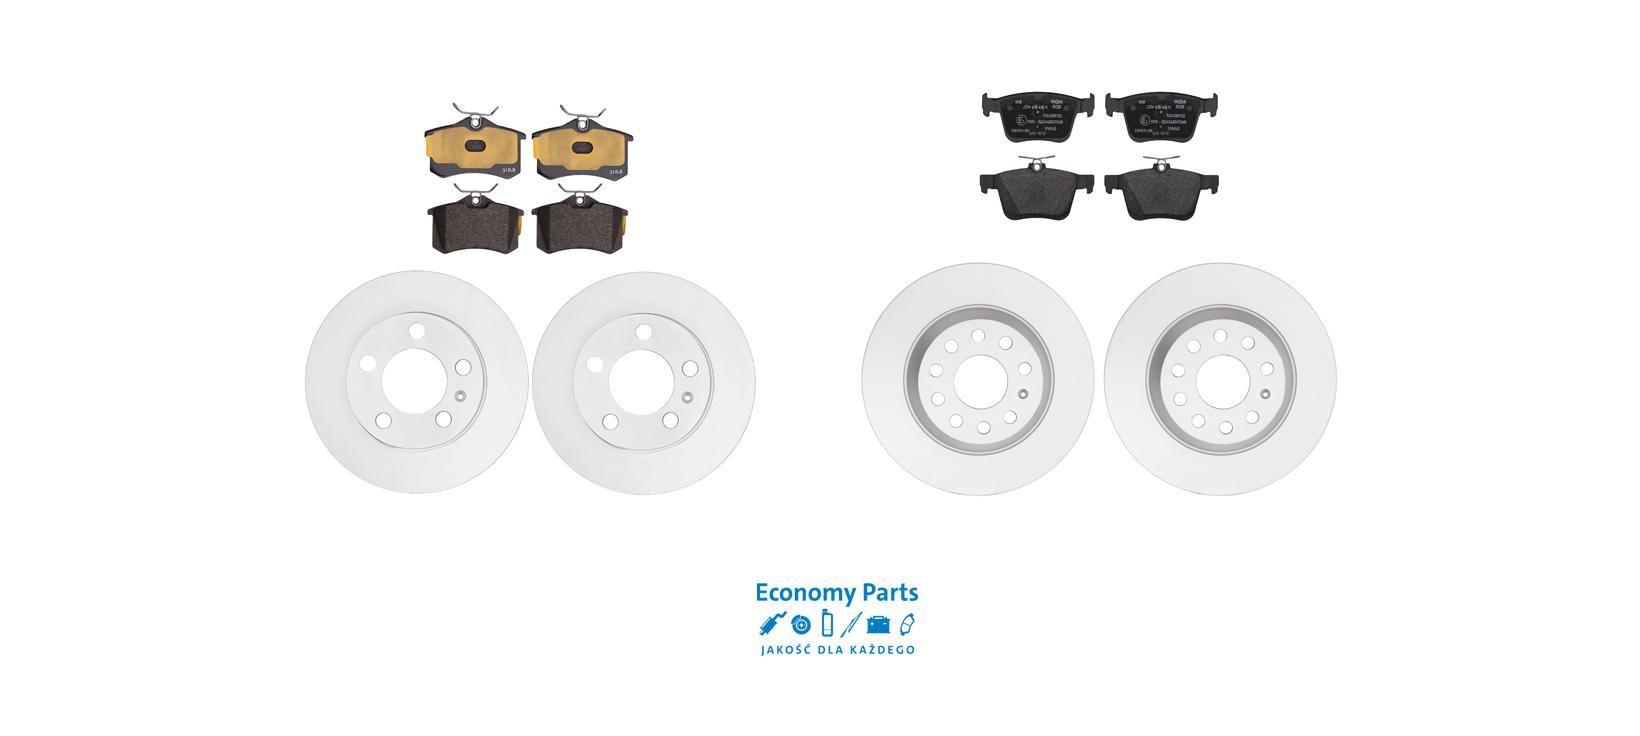 Części Economy Parts - doskonały wybór!